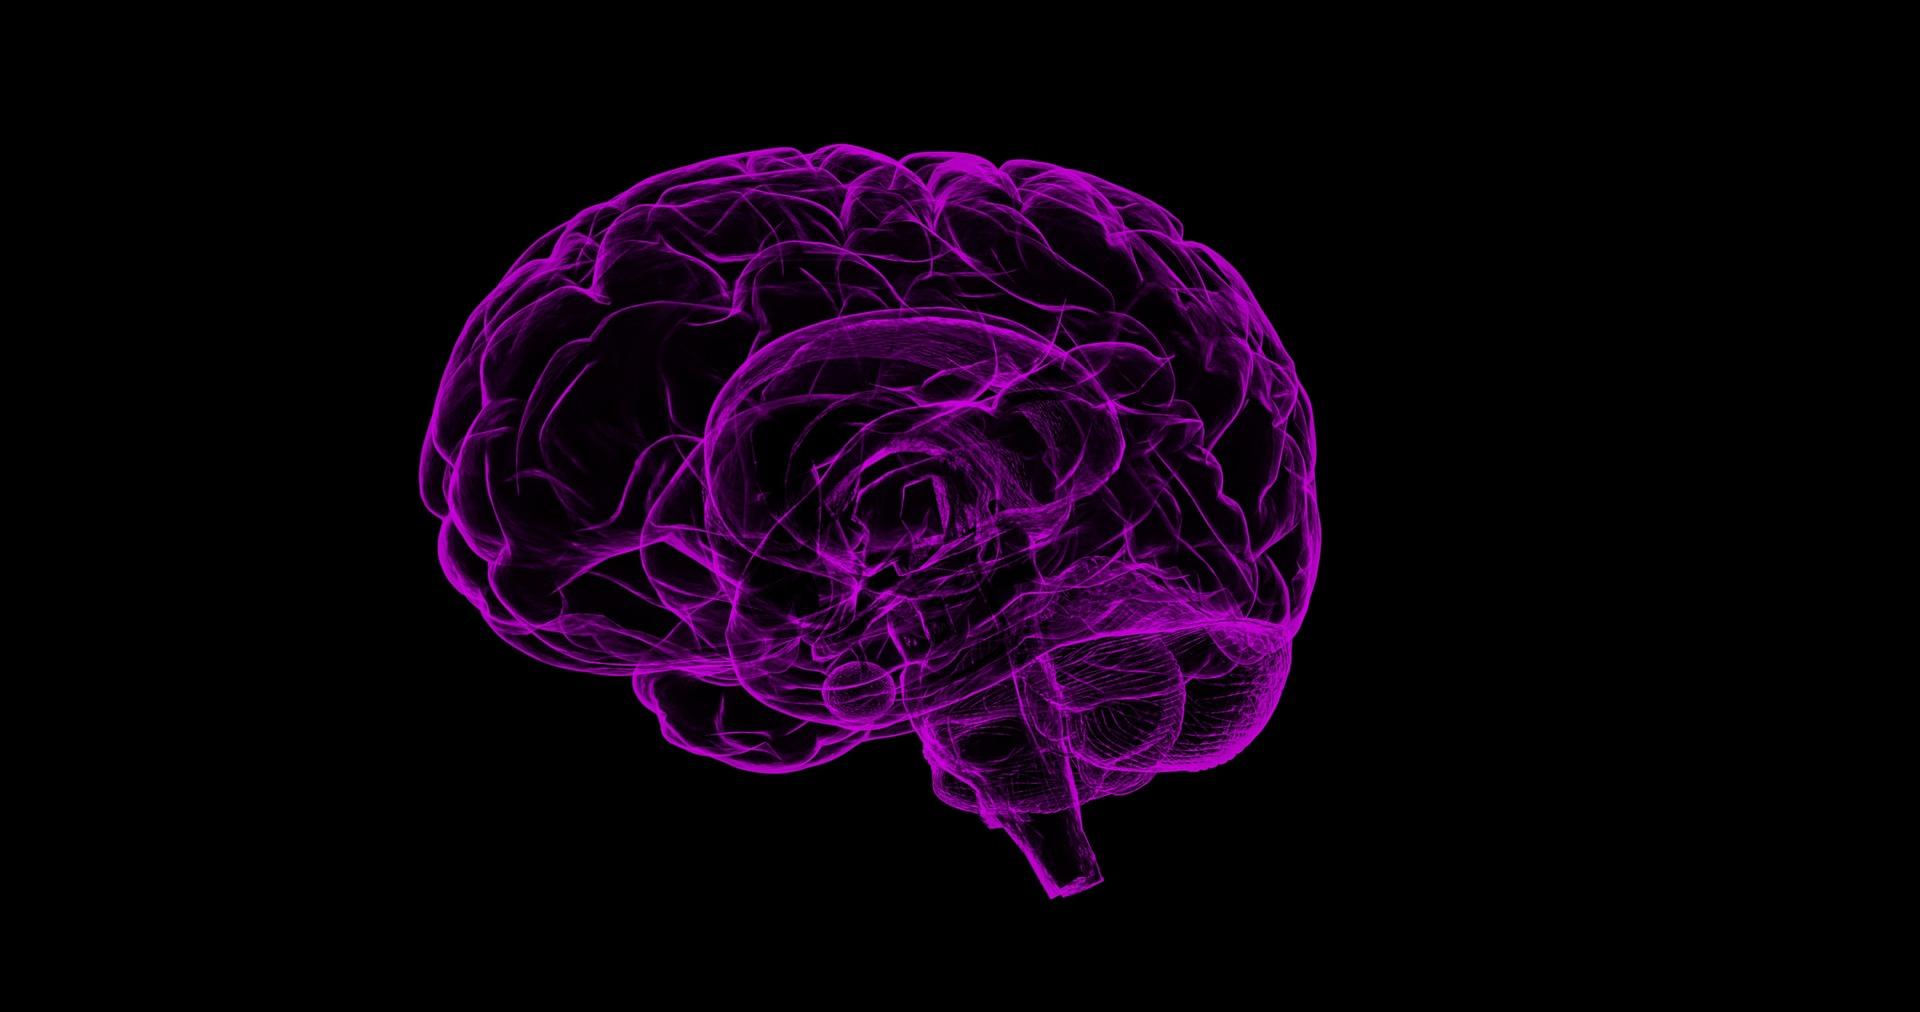 brain-1787622_1920 (1).jpg